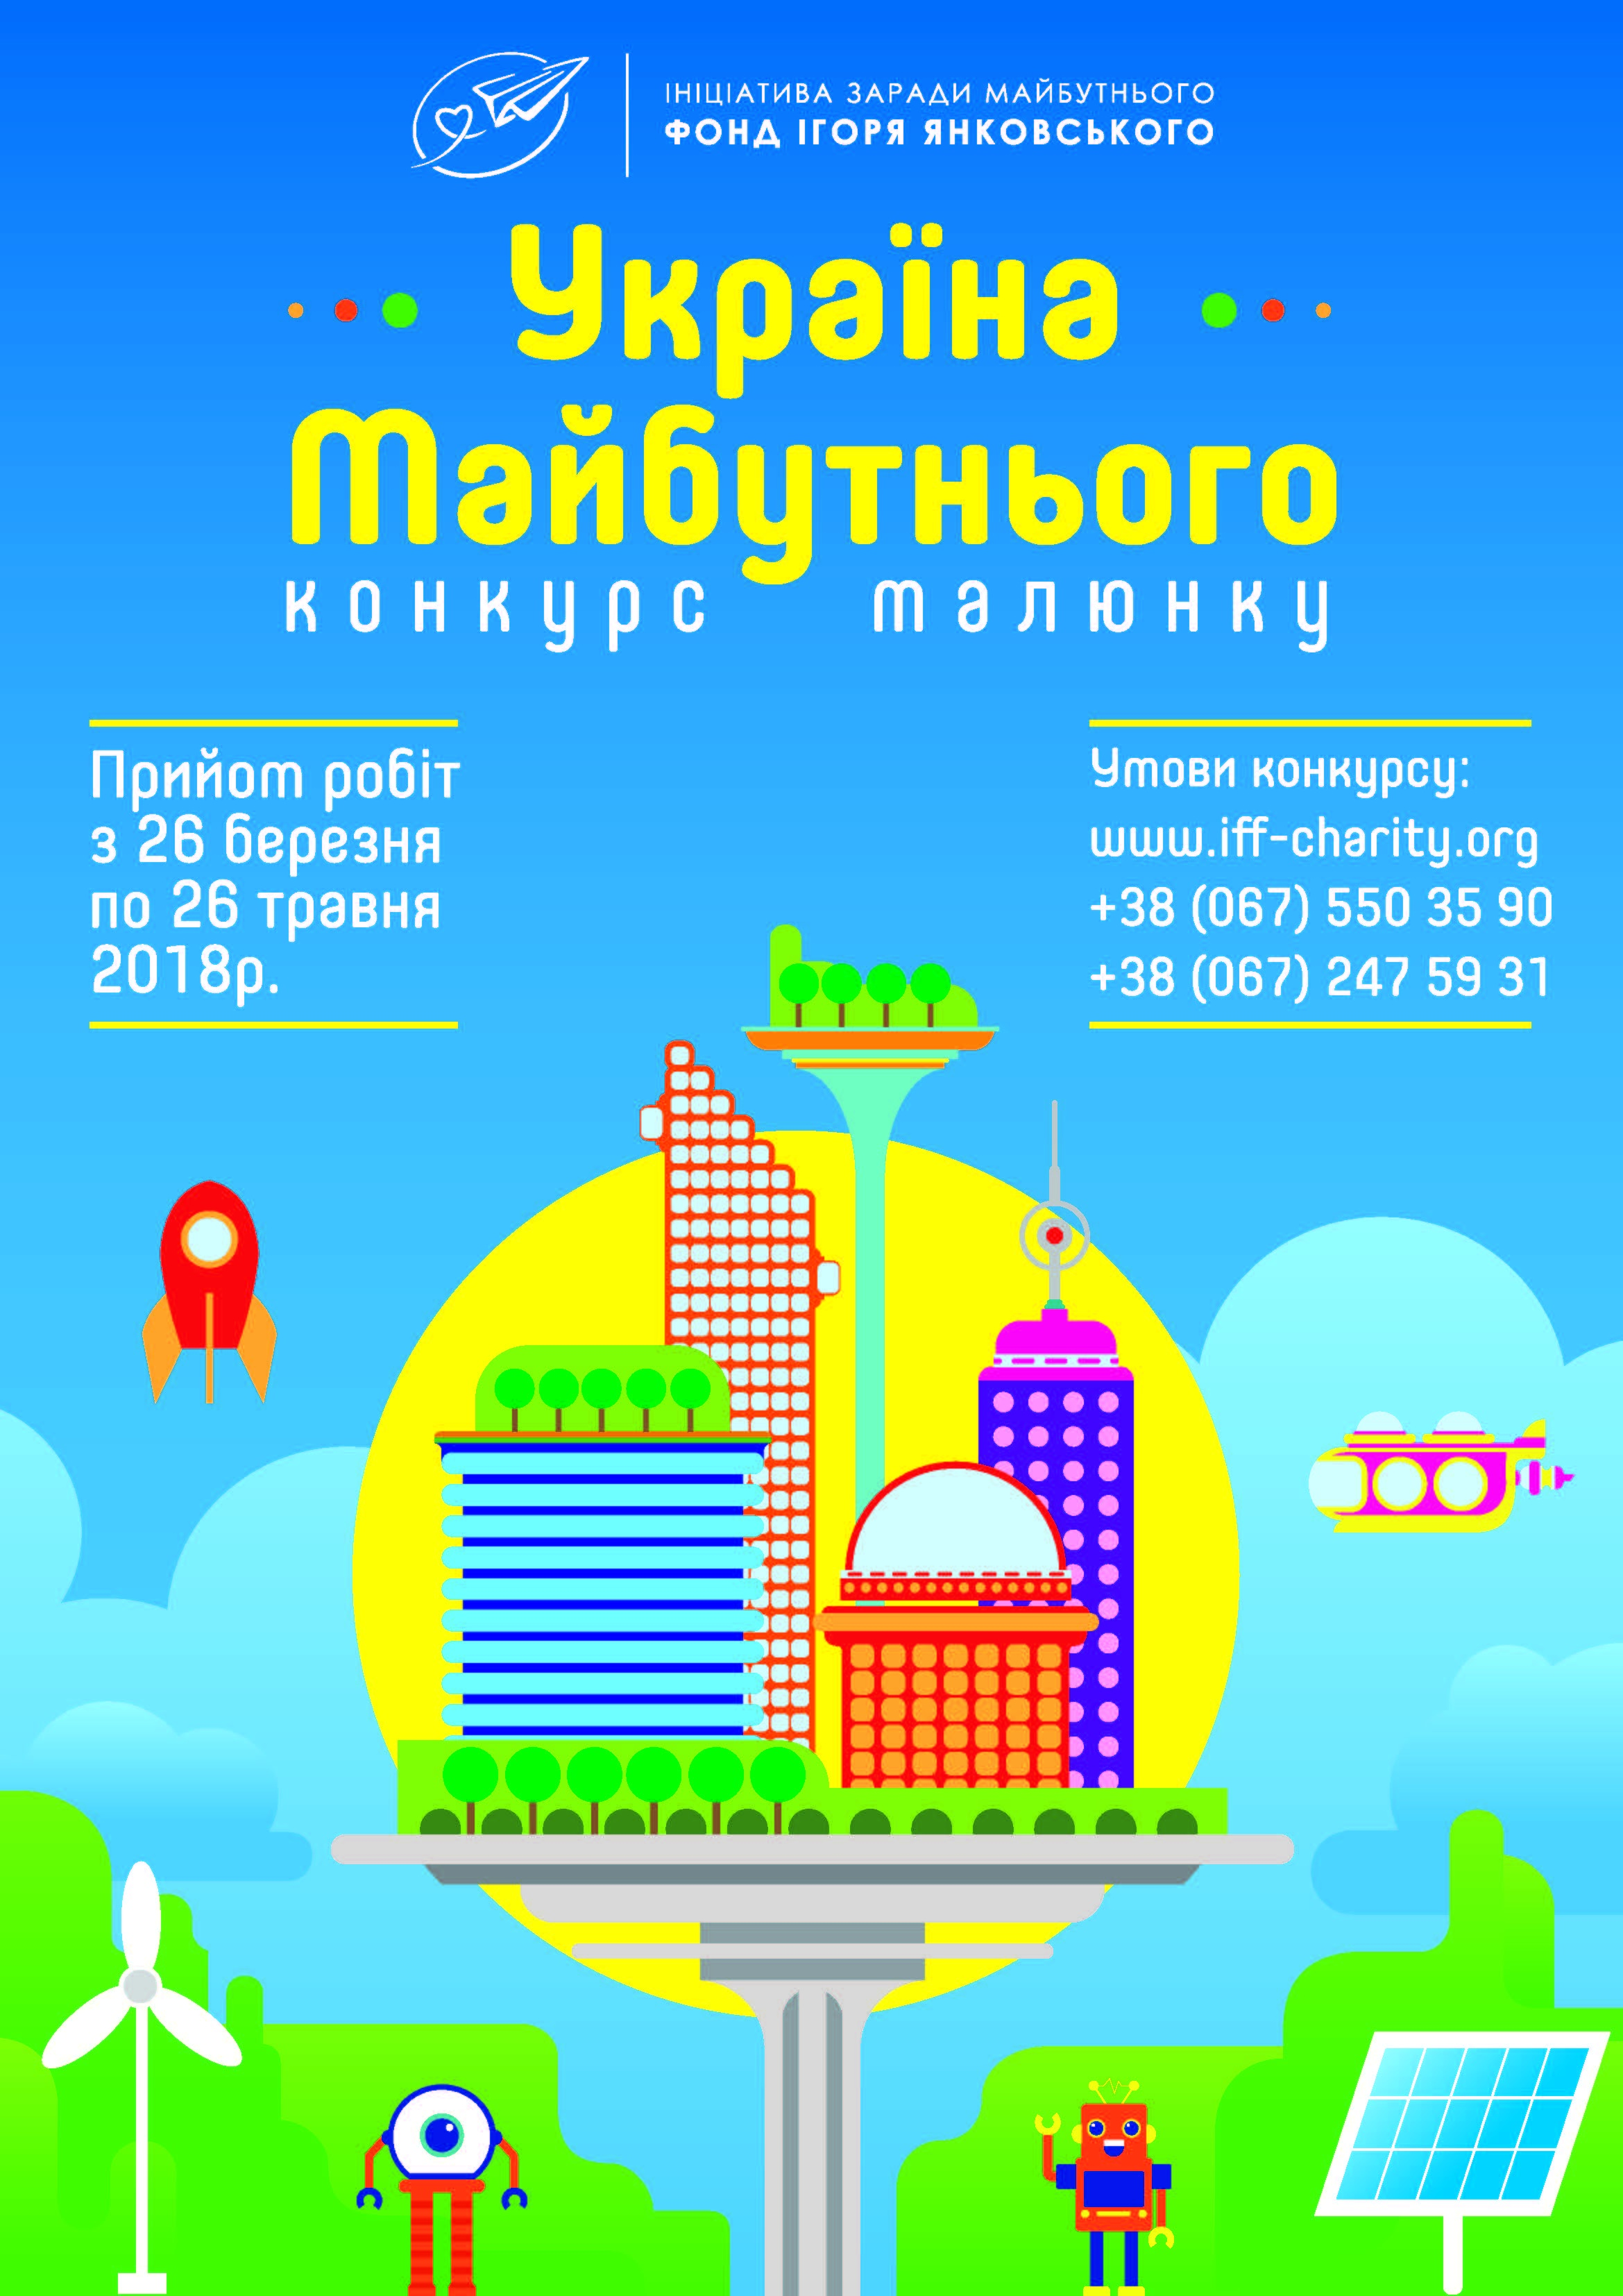 igor-yankovskiy-shestoy-god-podryad-provodit-konkurs-detskogo-risunka